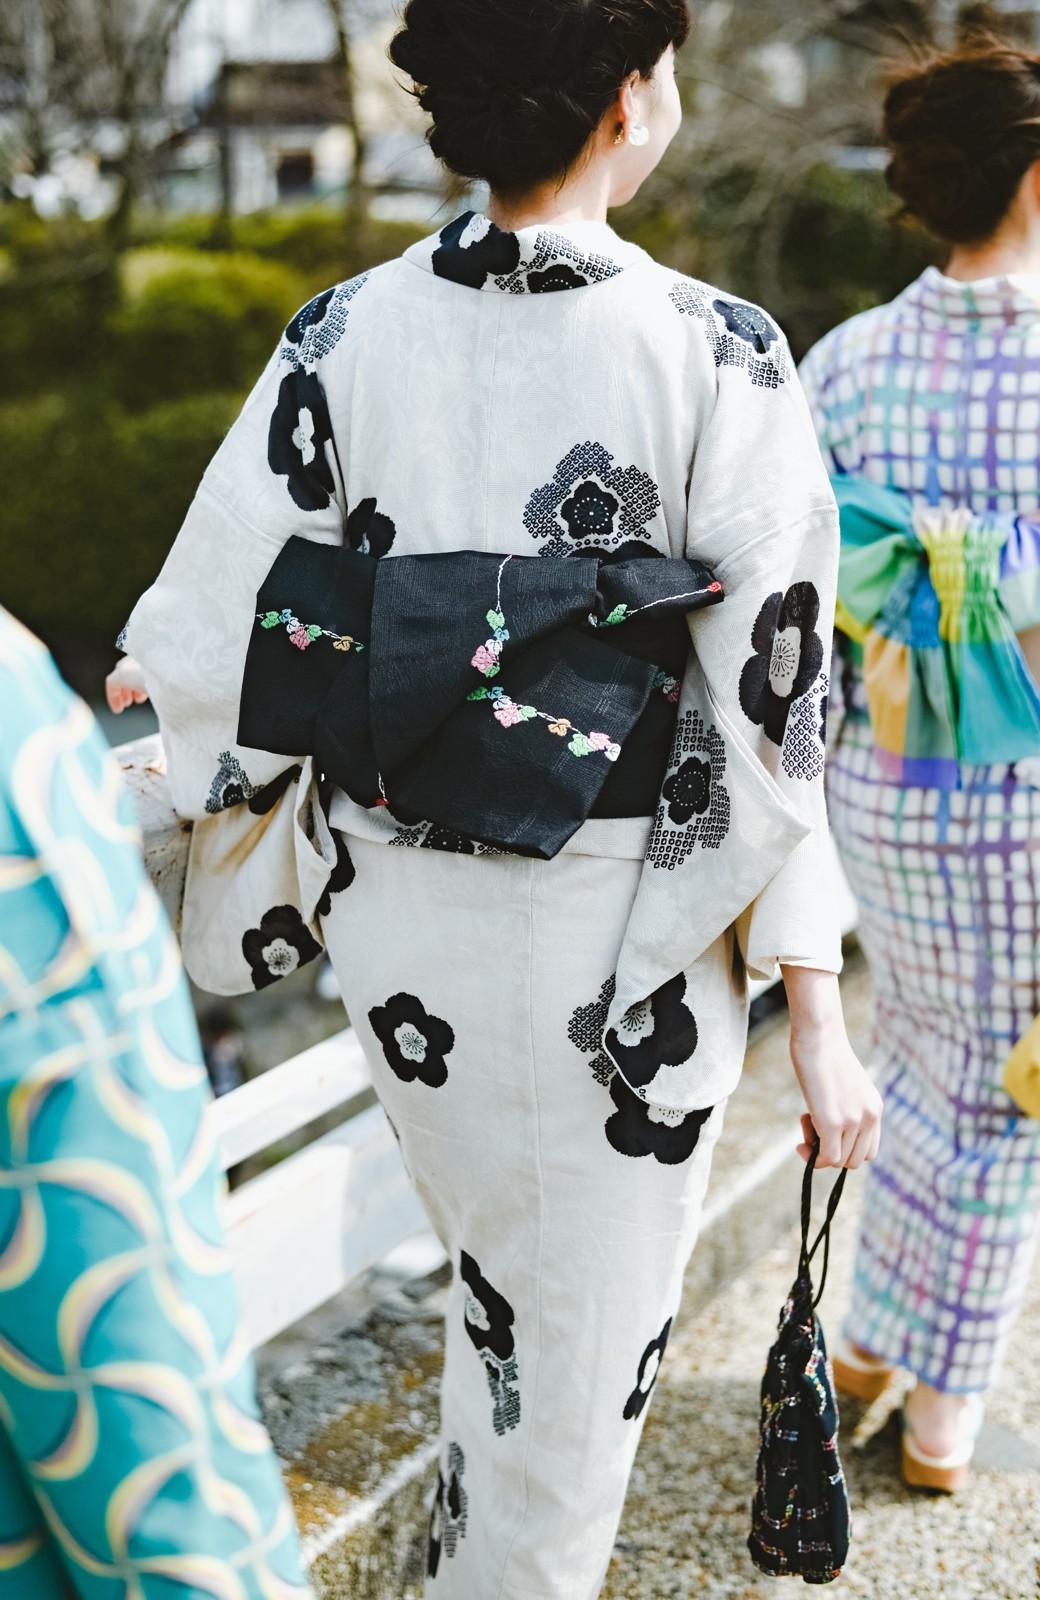 haco! ひでや工房 京都のからみ織ジャカード浴衣 <ブラック系その他>の商品写真20